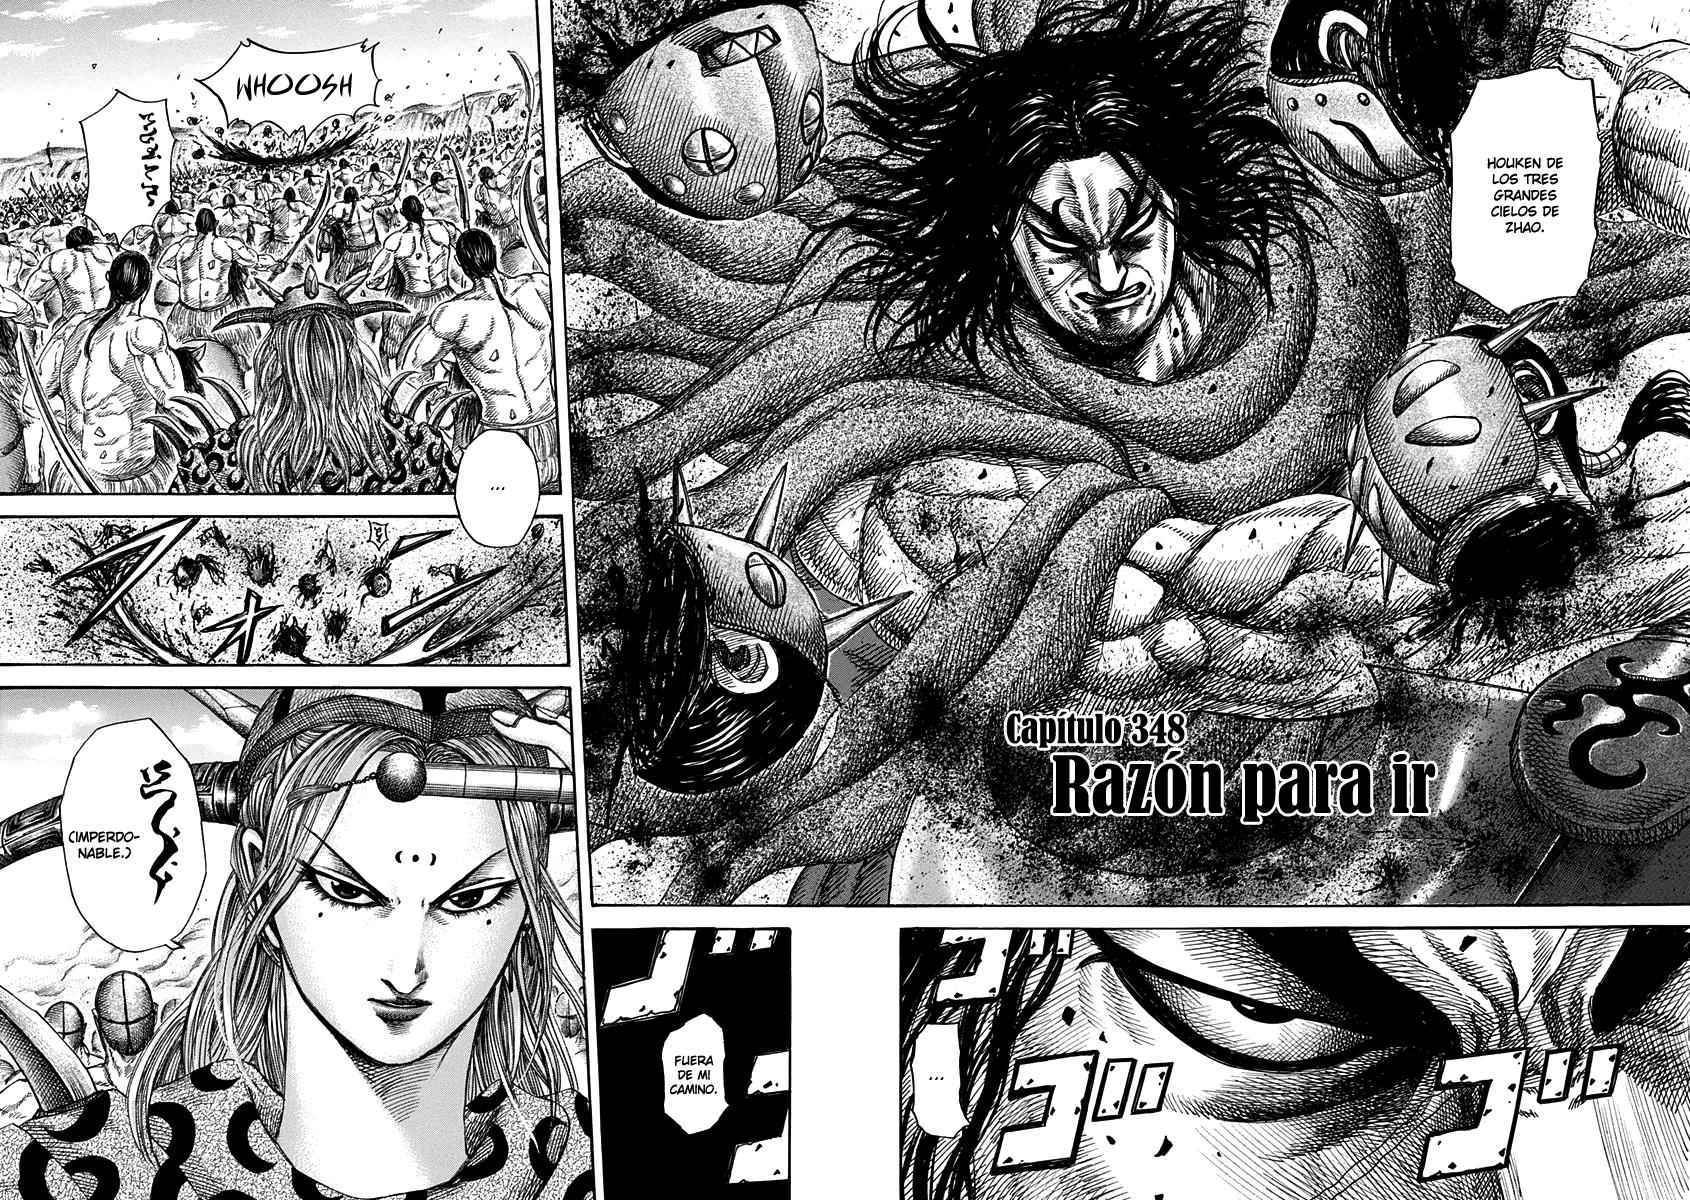 http://c5.ninemanga.com/es_manga/19/12307/363812/15c15ec94e3cc4188bef407f1fef4f98.jpg Page 3